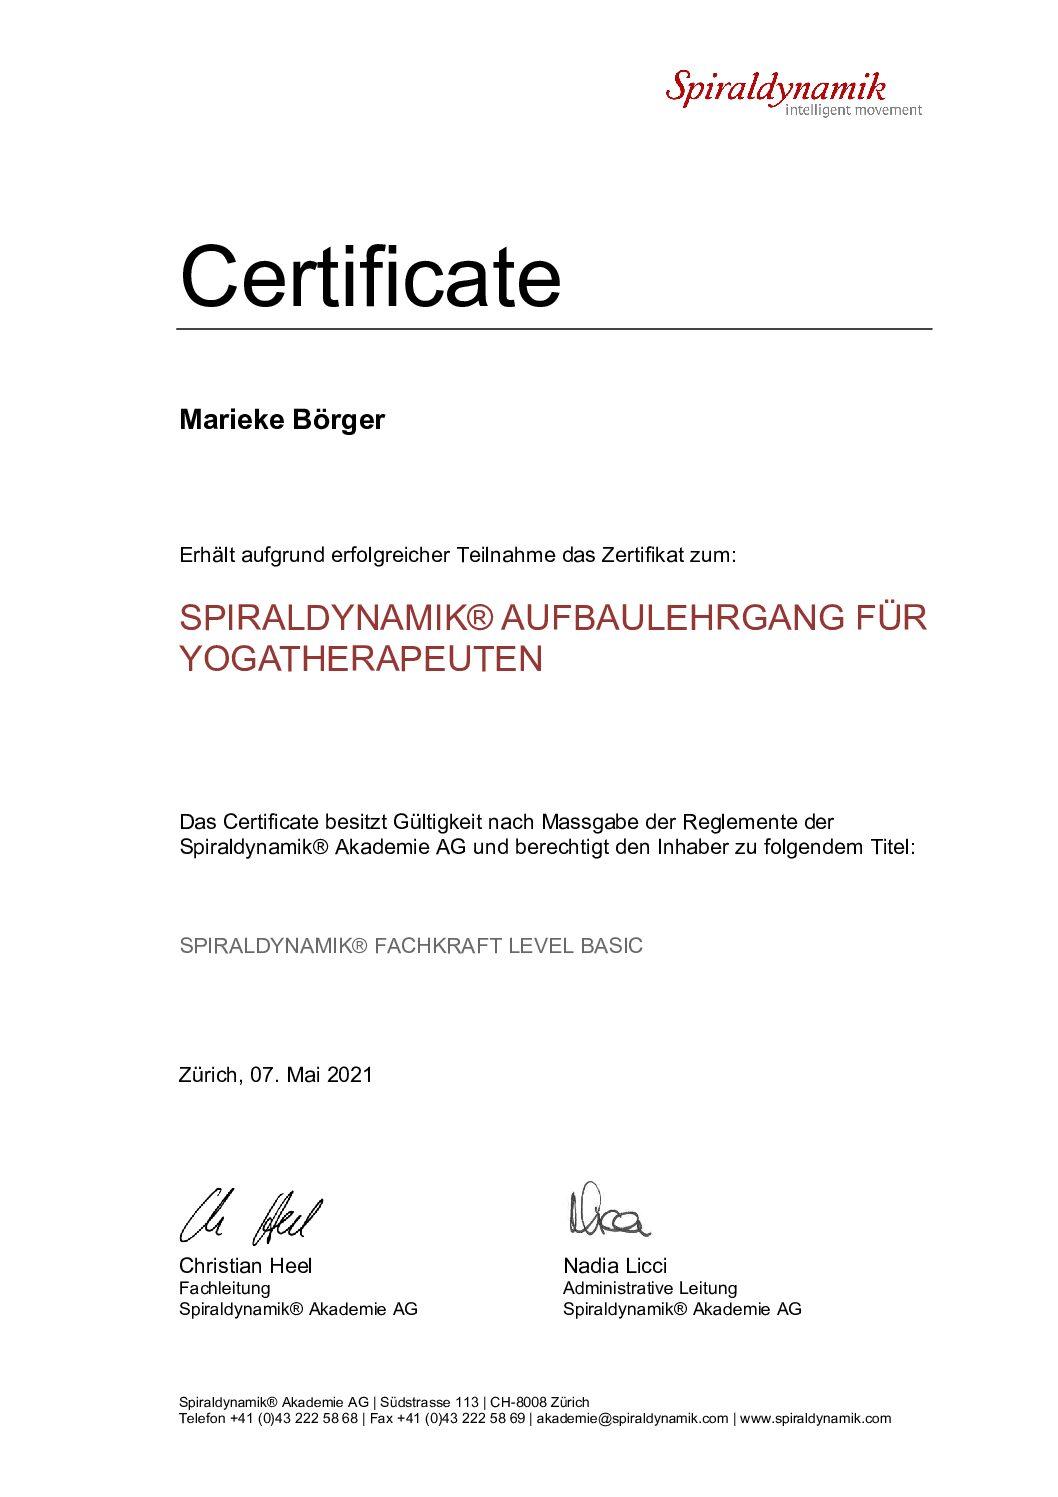 Meine neue Liebe: Die Spiraldynamik®!